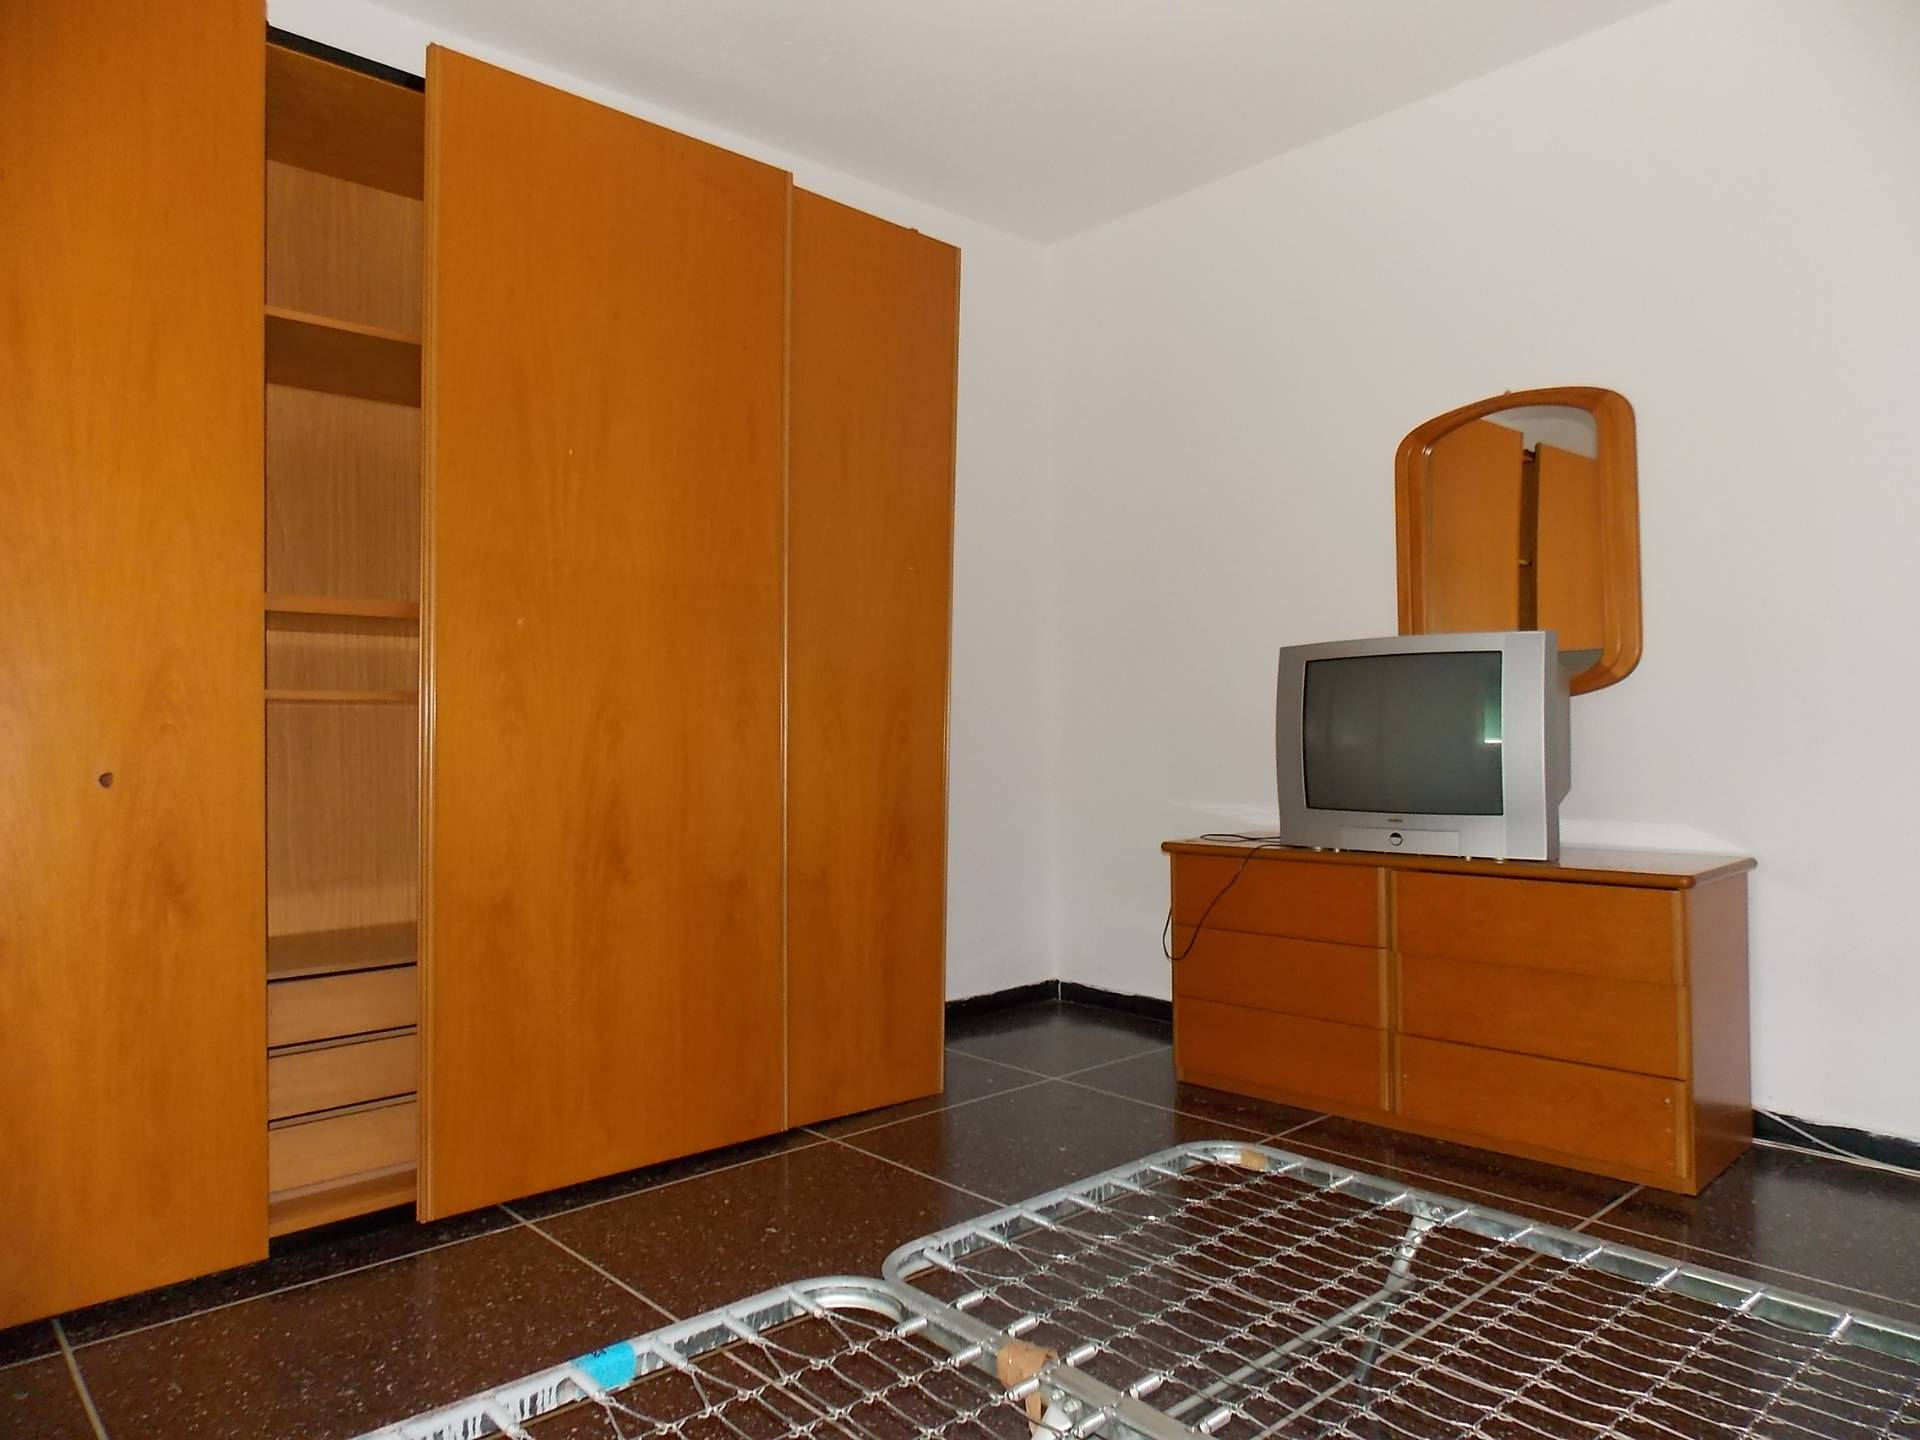 Appartamenti in affitto a genova in zona via bologna for Appartamenti arredati in affitto genova